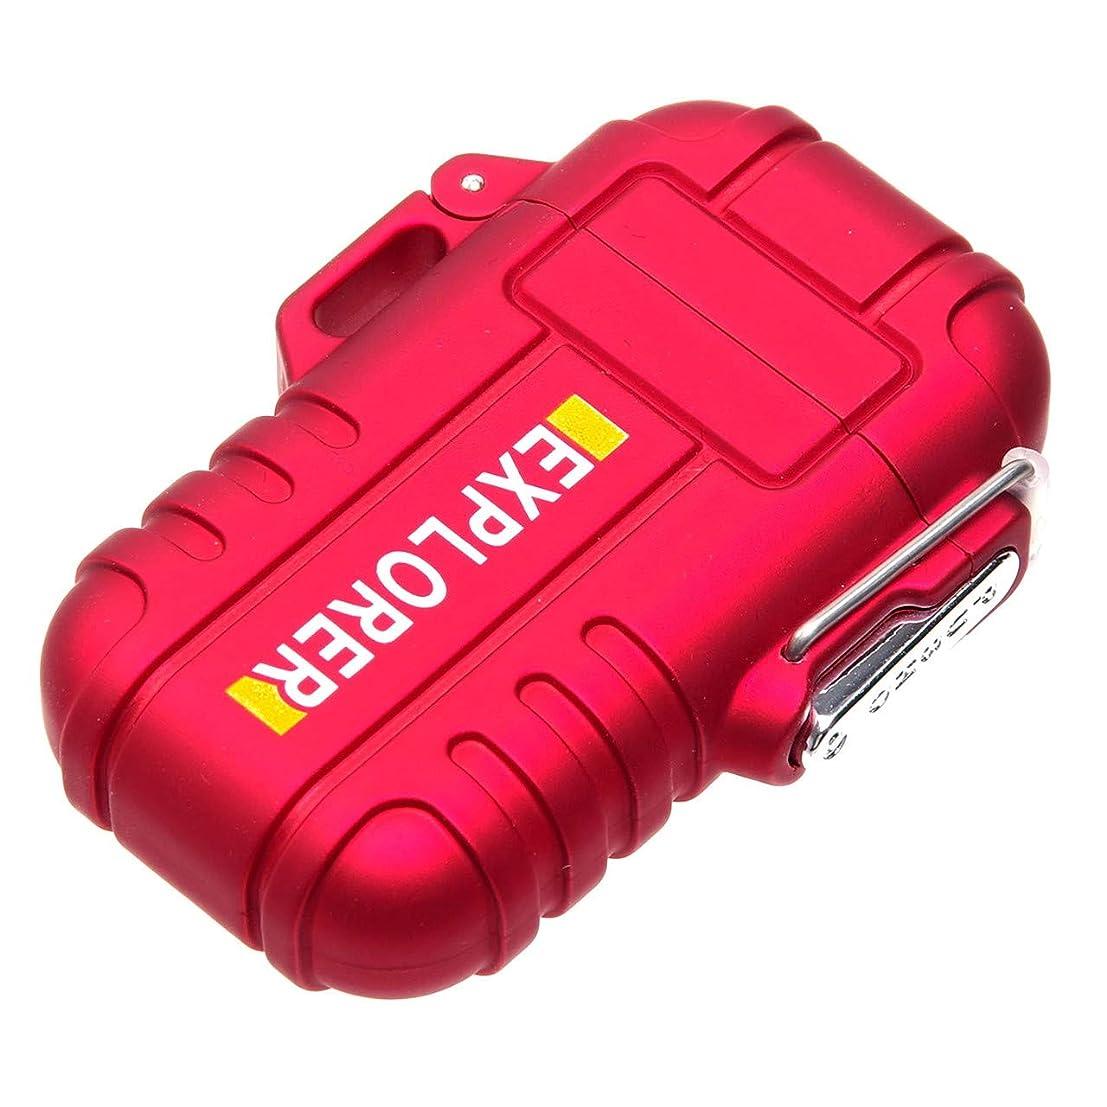 気体の頑張る枯渇GoodsLand 【3color】 防水 & 防塵 プラズマライター 軽量 コンパクト USB充電式 ダブルアーク 放電 クロス ターボ USB 給電式 電子 電熱 ライター GD-BPLTR-RD